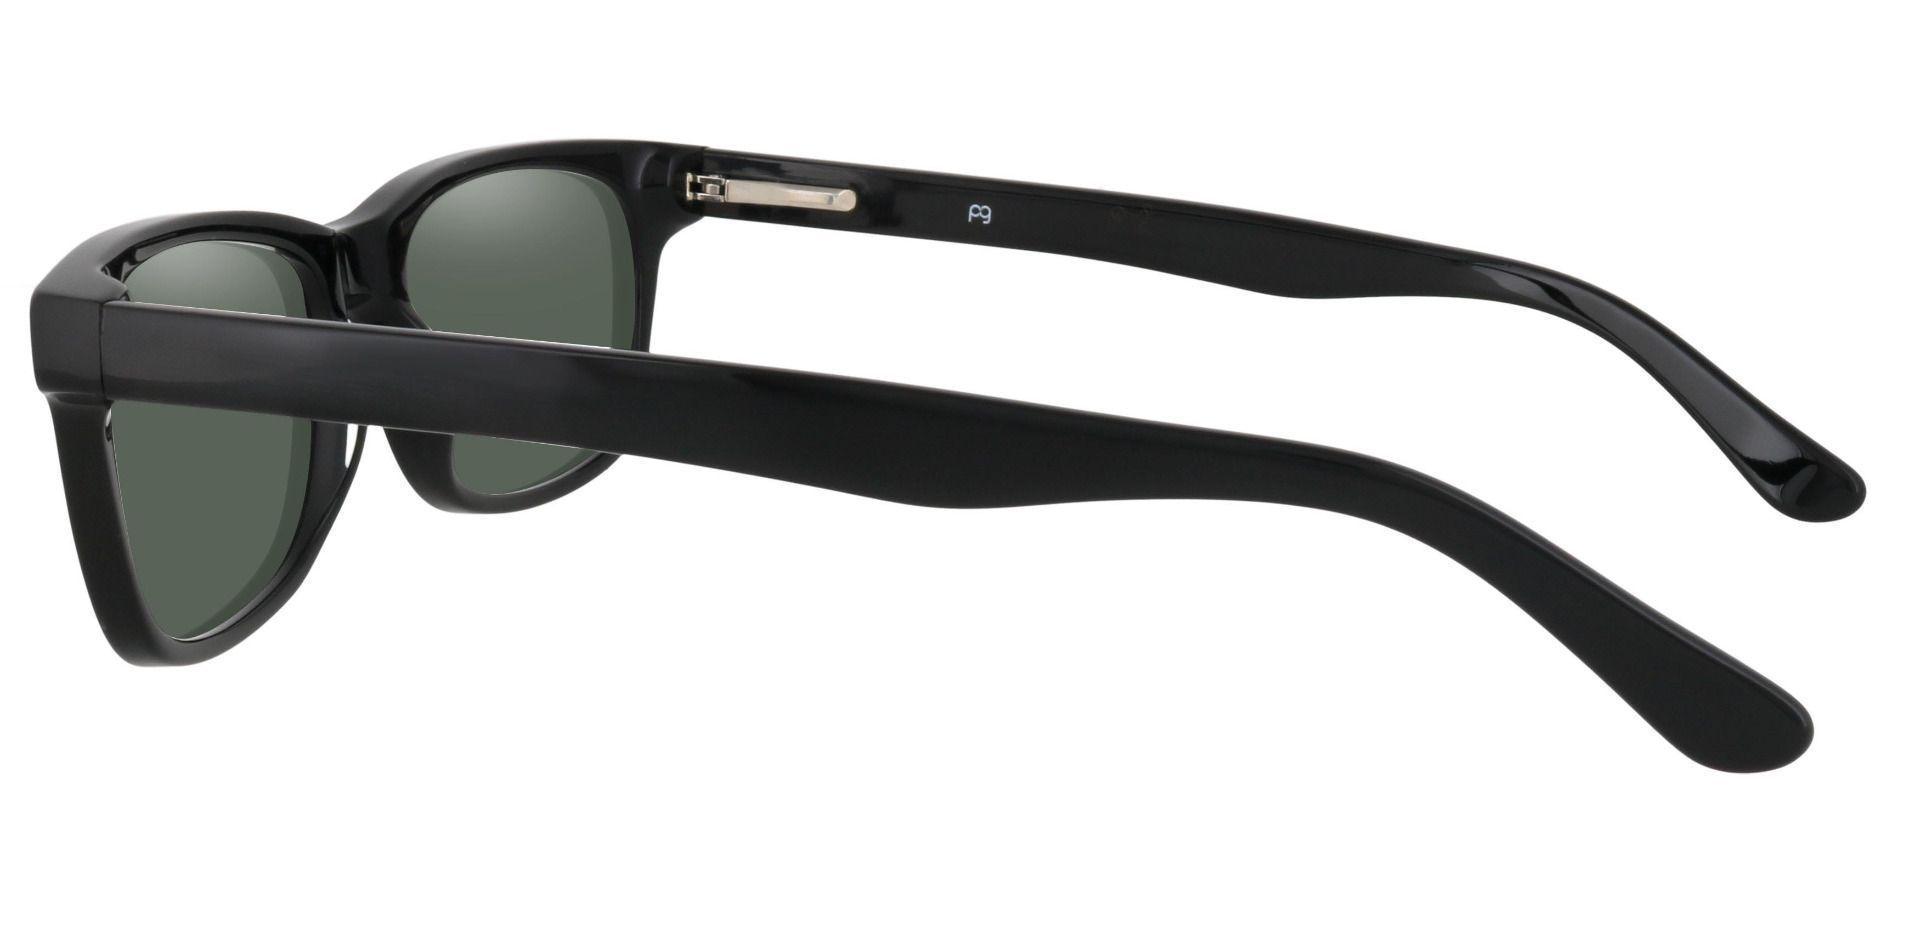 Hendrix Rectangle Reading Sunglasses - Black Frame With Green Lenses